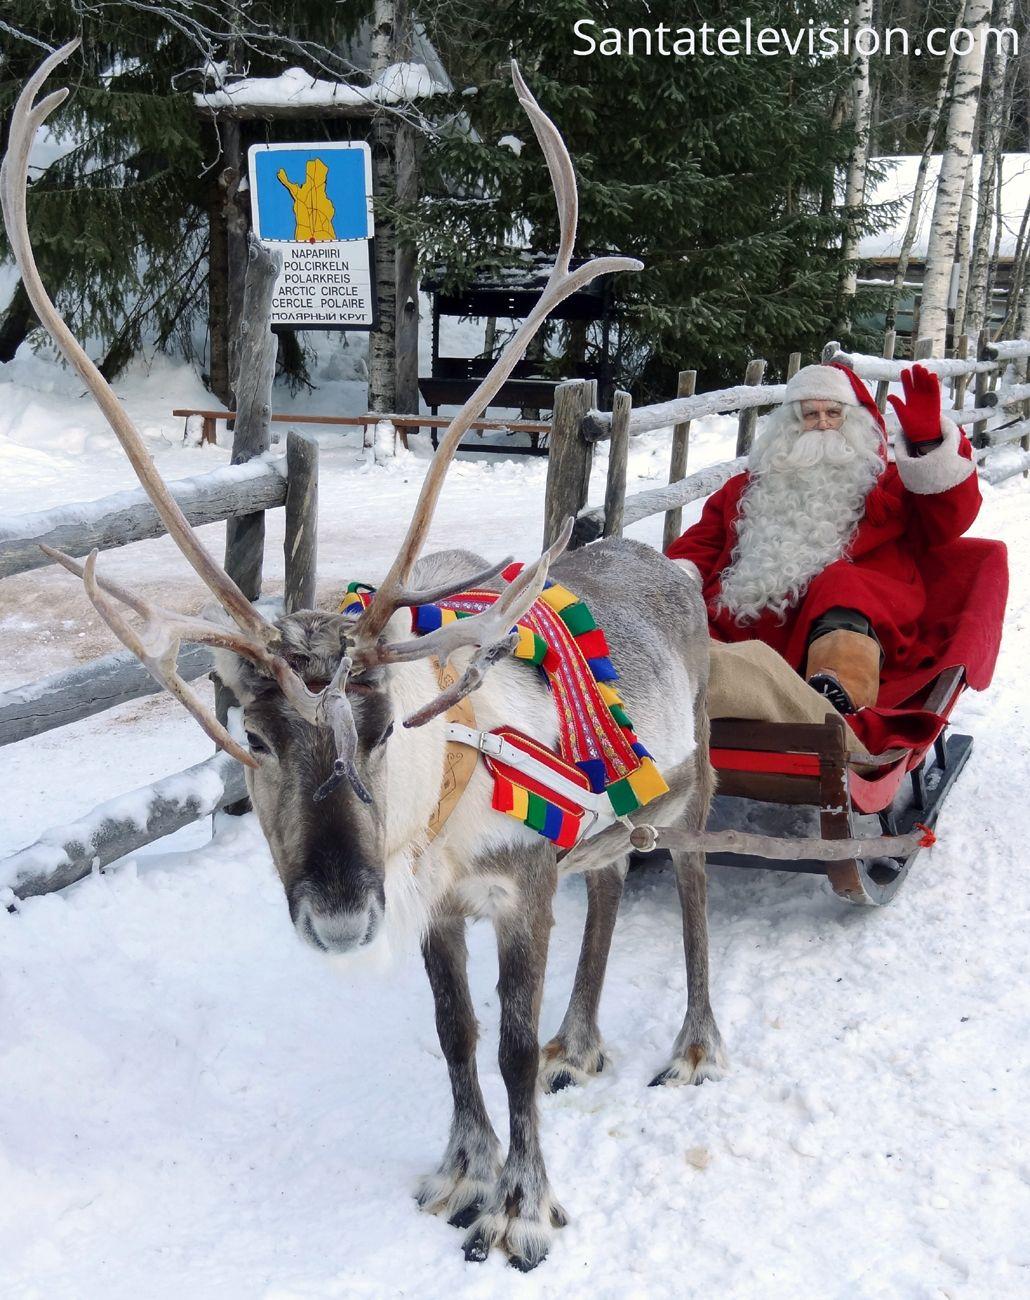 sein rentier und das schild der polarkreislinie in finnisch lappland weihnachten